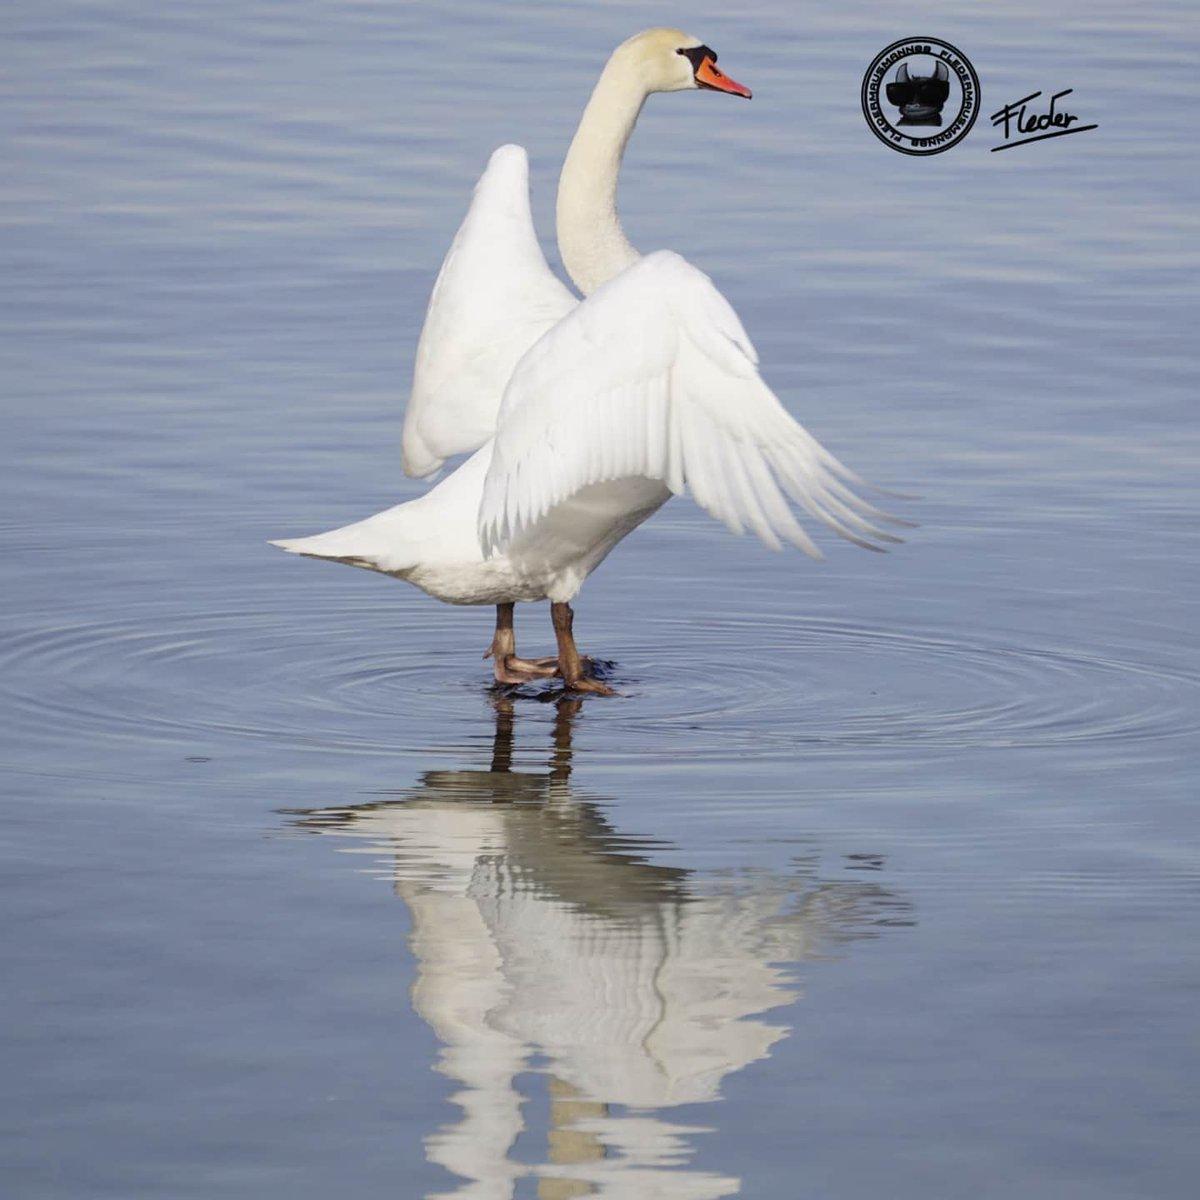 Hier auch bisschen aktiver werden ;) #sonyalpha6000#sonya6000  #photography #travelphotography #photographs #photos #fotografie #fotos #foto#naturfotografie #lake #lakelife #wasservögel #bird #birdphotography #birds_captures #swans #vogelfotografie #vogel #schwan #schwänepic.twitter.com/sHyIWM3vKo